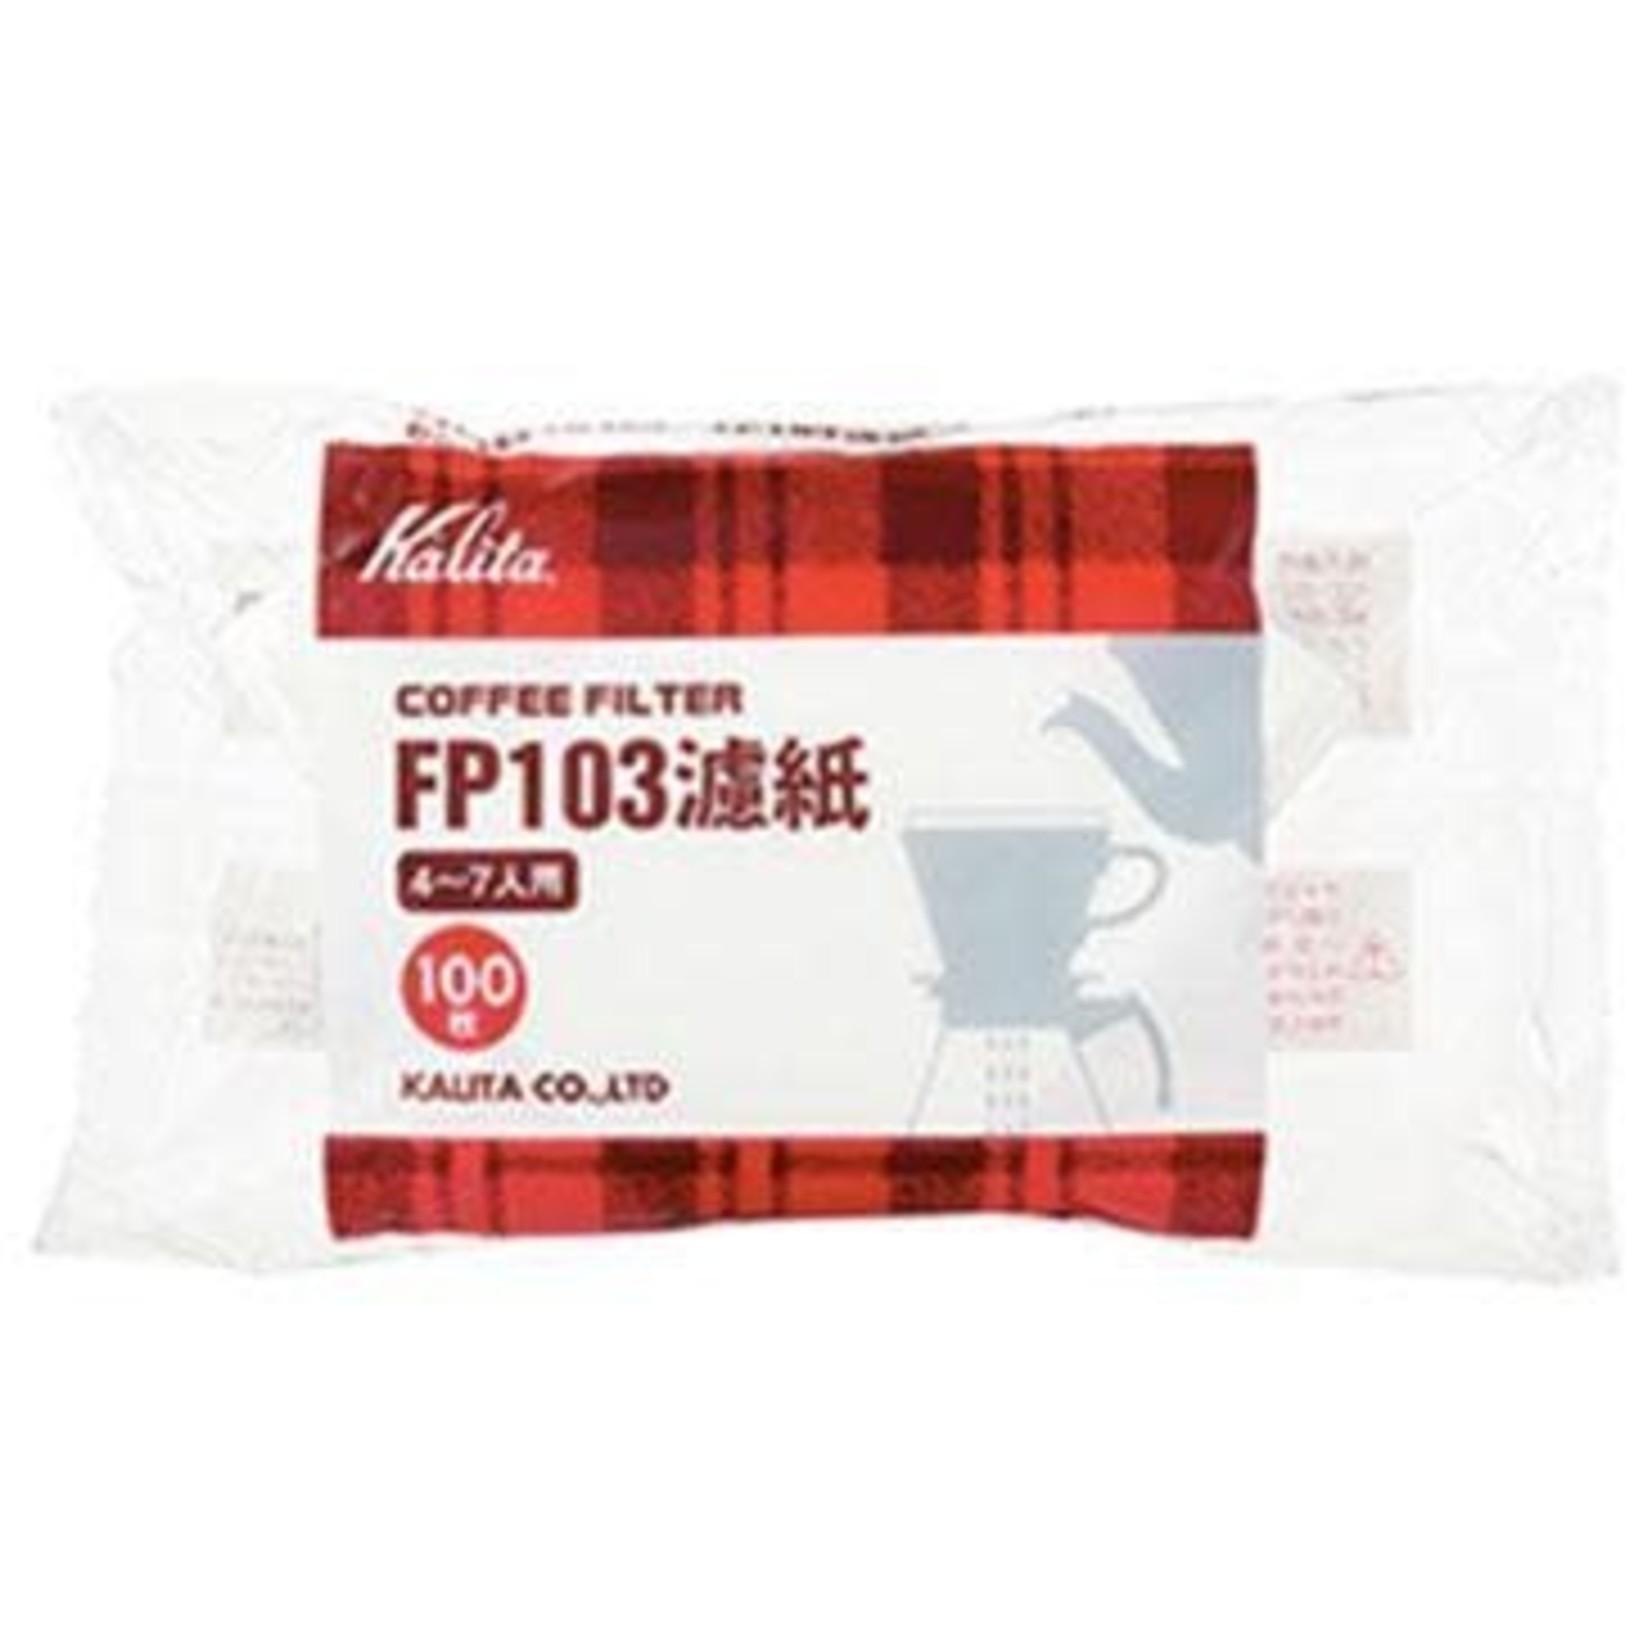 Kalita Kalita Paper Filters #4 (100)